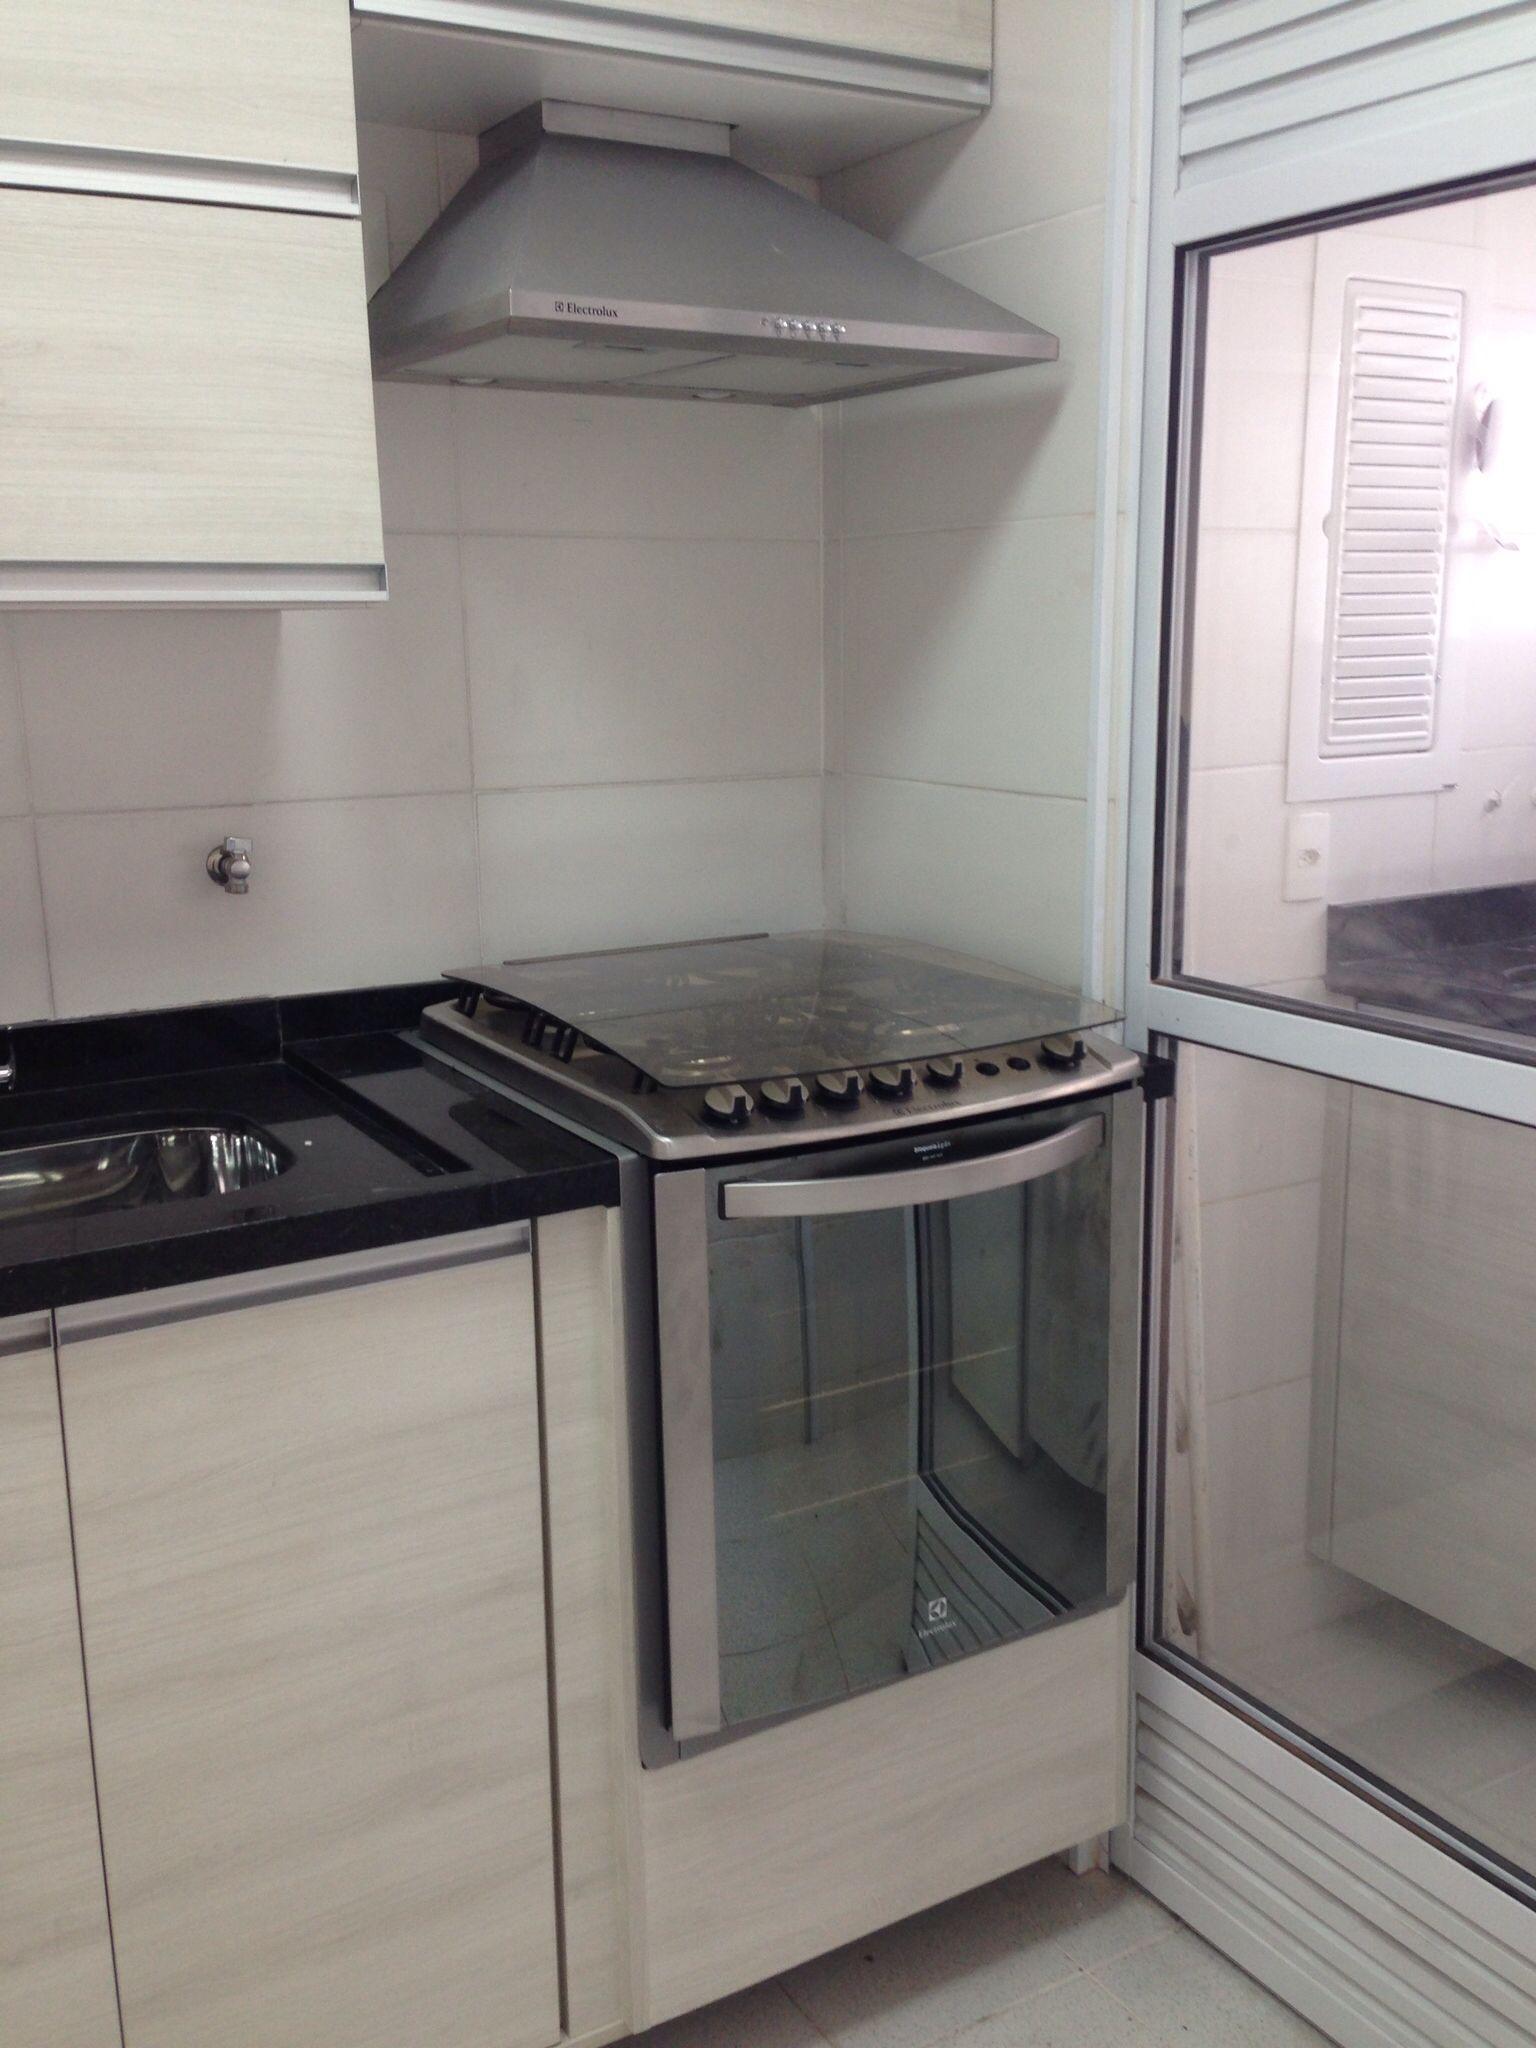 Cozinha fogão embutido e coifa [Nosso AP] Fotos da reforma  #70675B 1536 2048